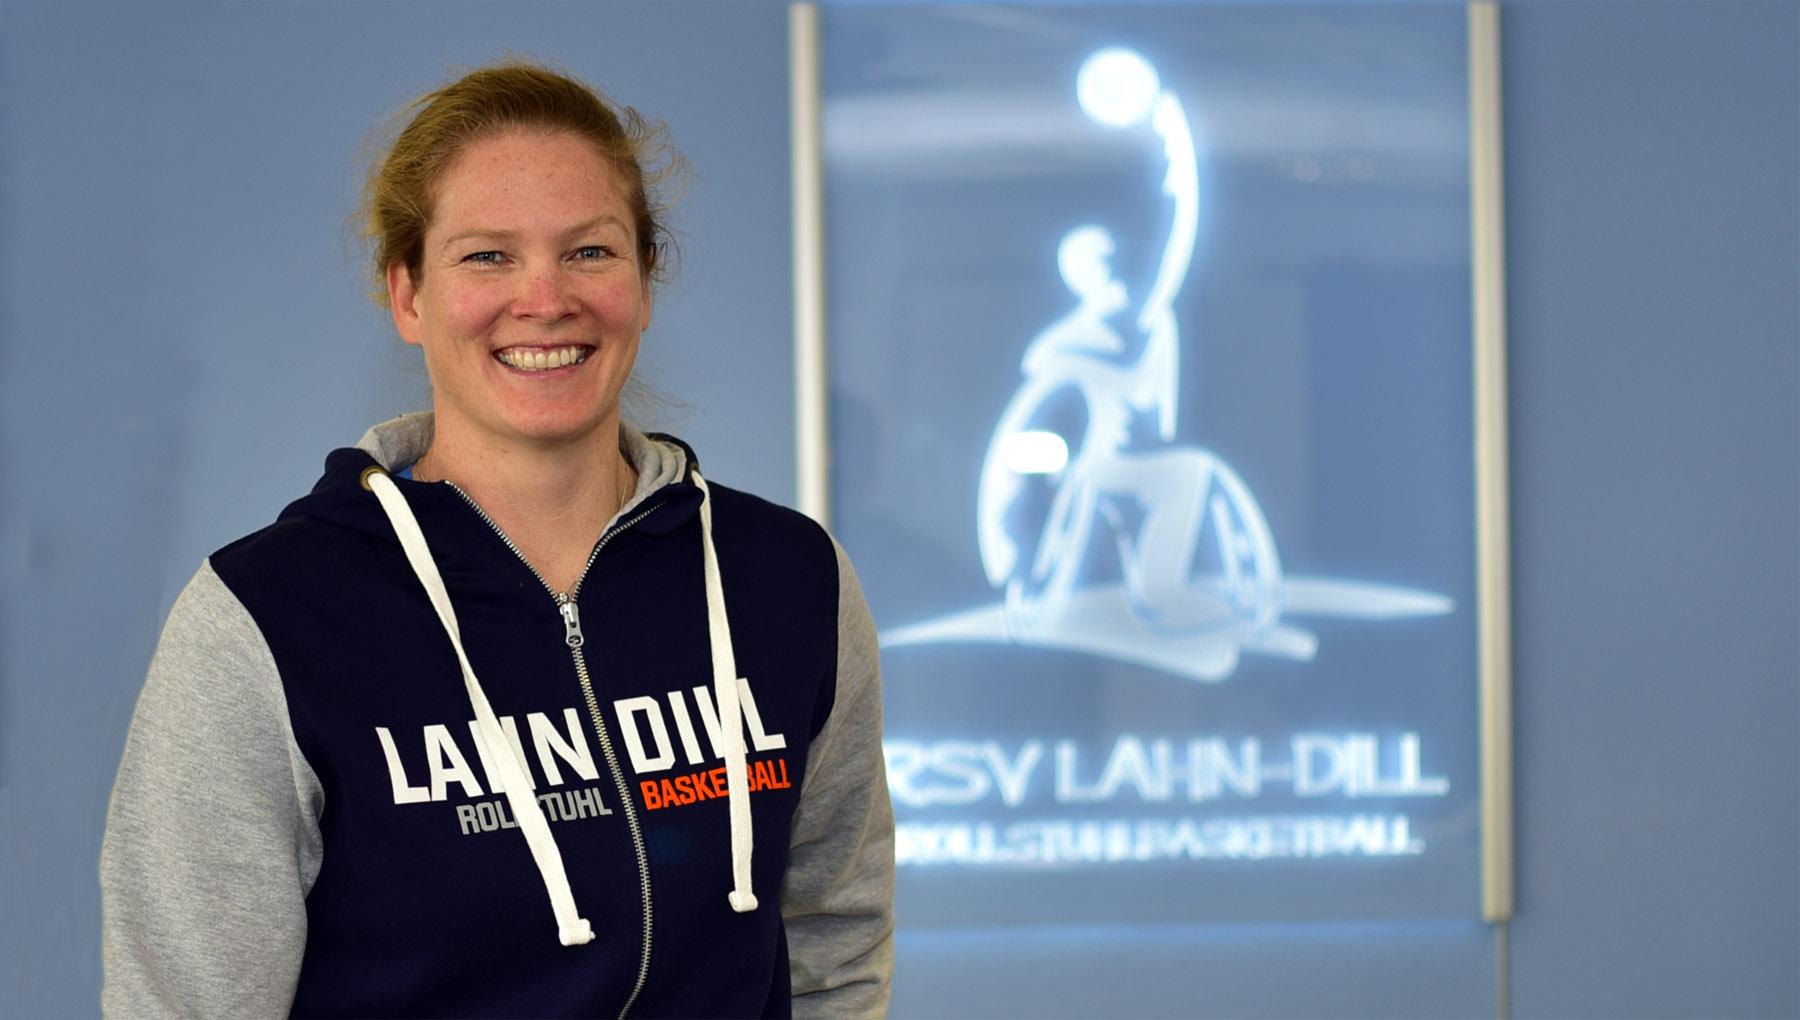 Zugewinn für RSV Lahn-Dill